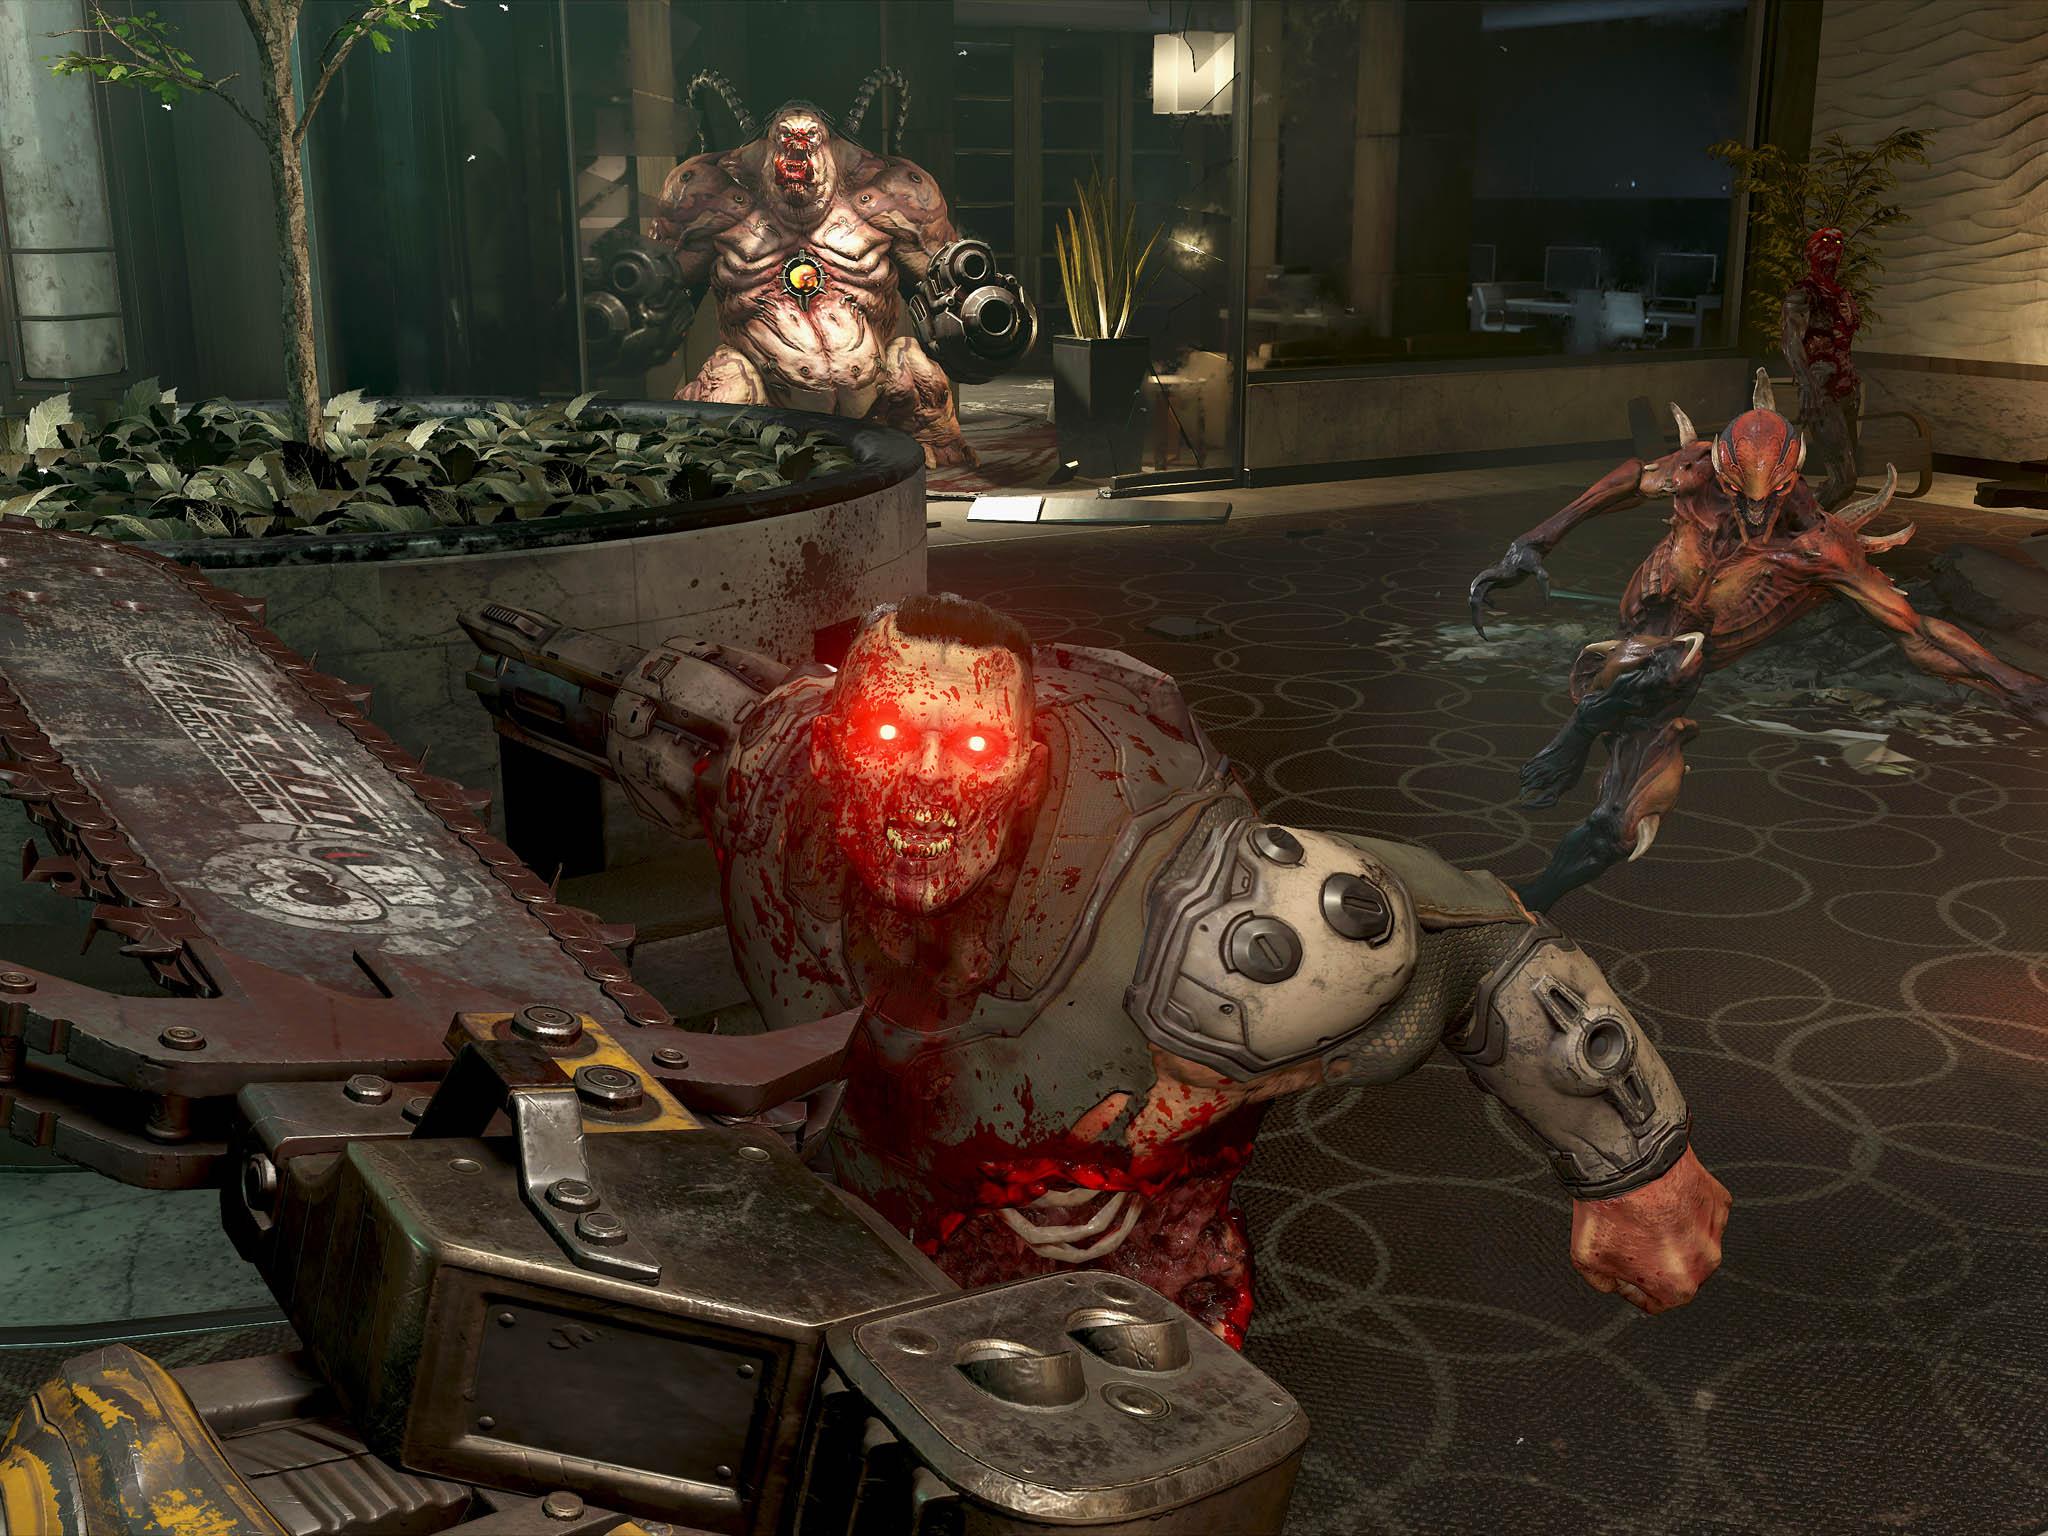 3D střílečka Doom Eternal nedělá odkazu svého více než čtvrt století starého předchůdce ostudu. Navíc může může být skvělým způsobem, jak si vybít frustraci způsobenou aktuální koronavirovou epidemií.